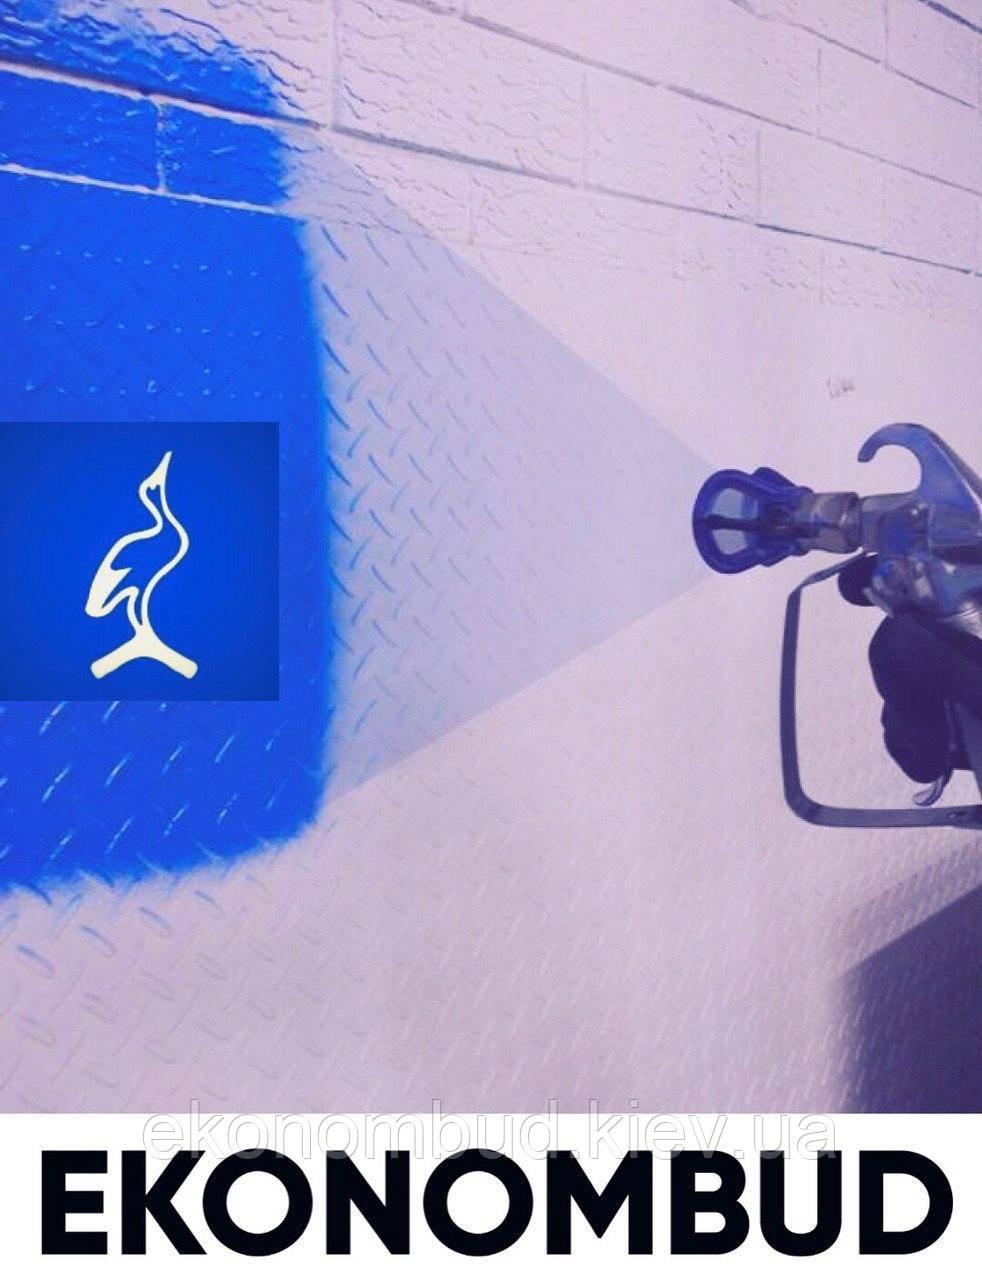 АКЦИЯ! Покраска Безвоздушная | от 30грн/м2 | EKONOMBUD